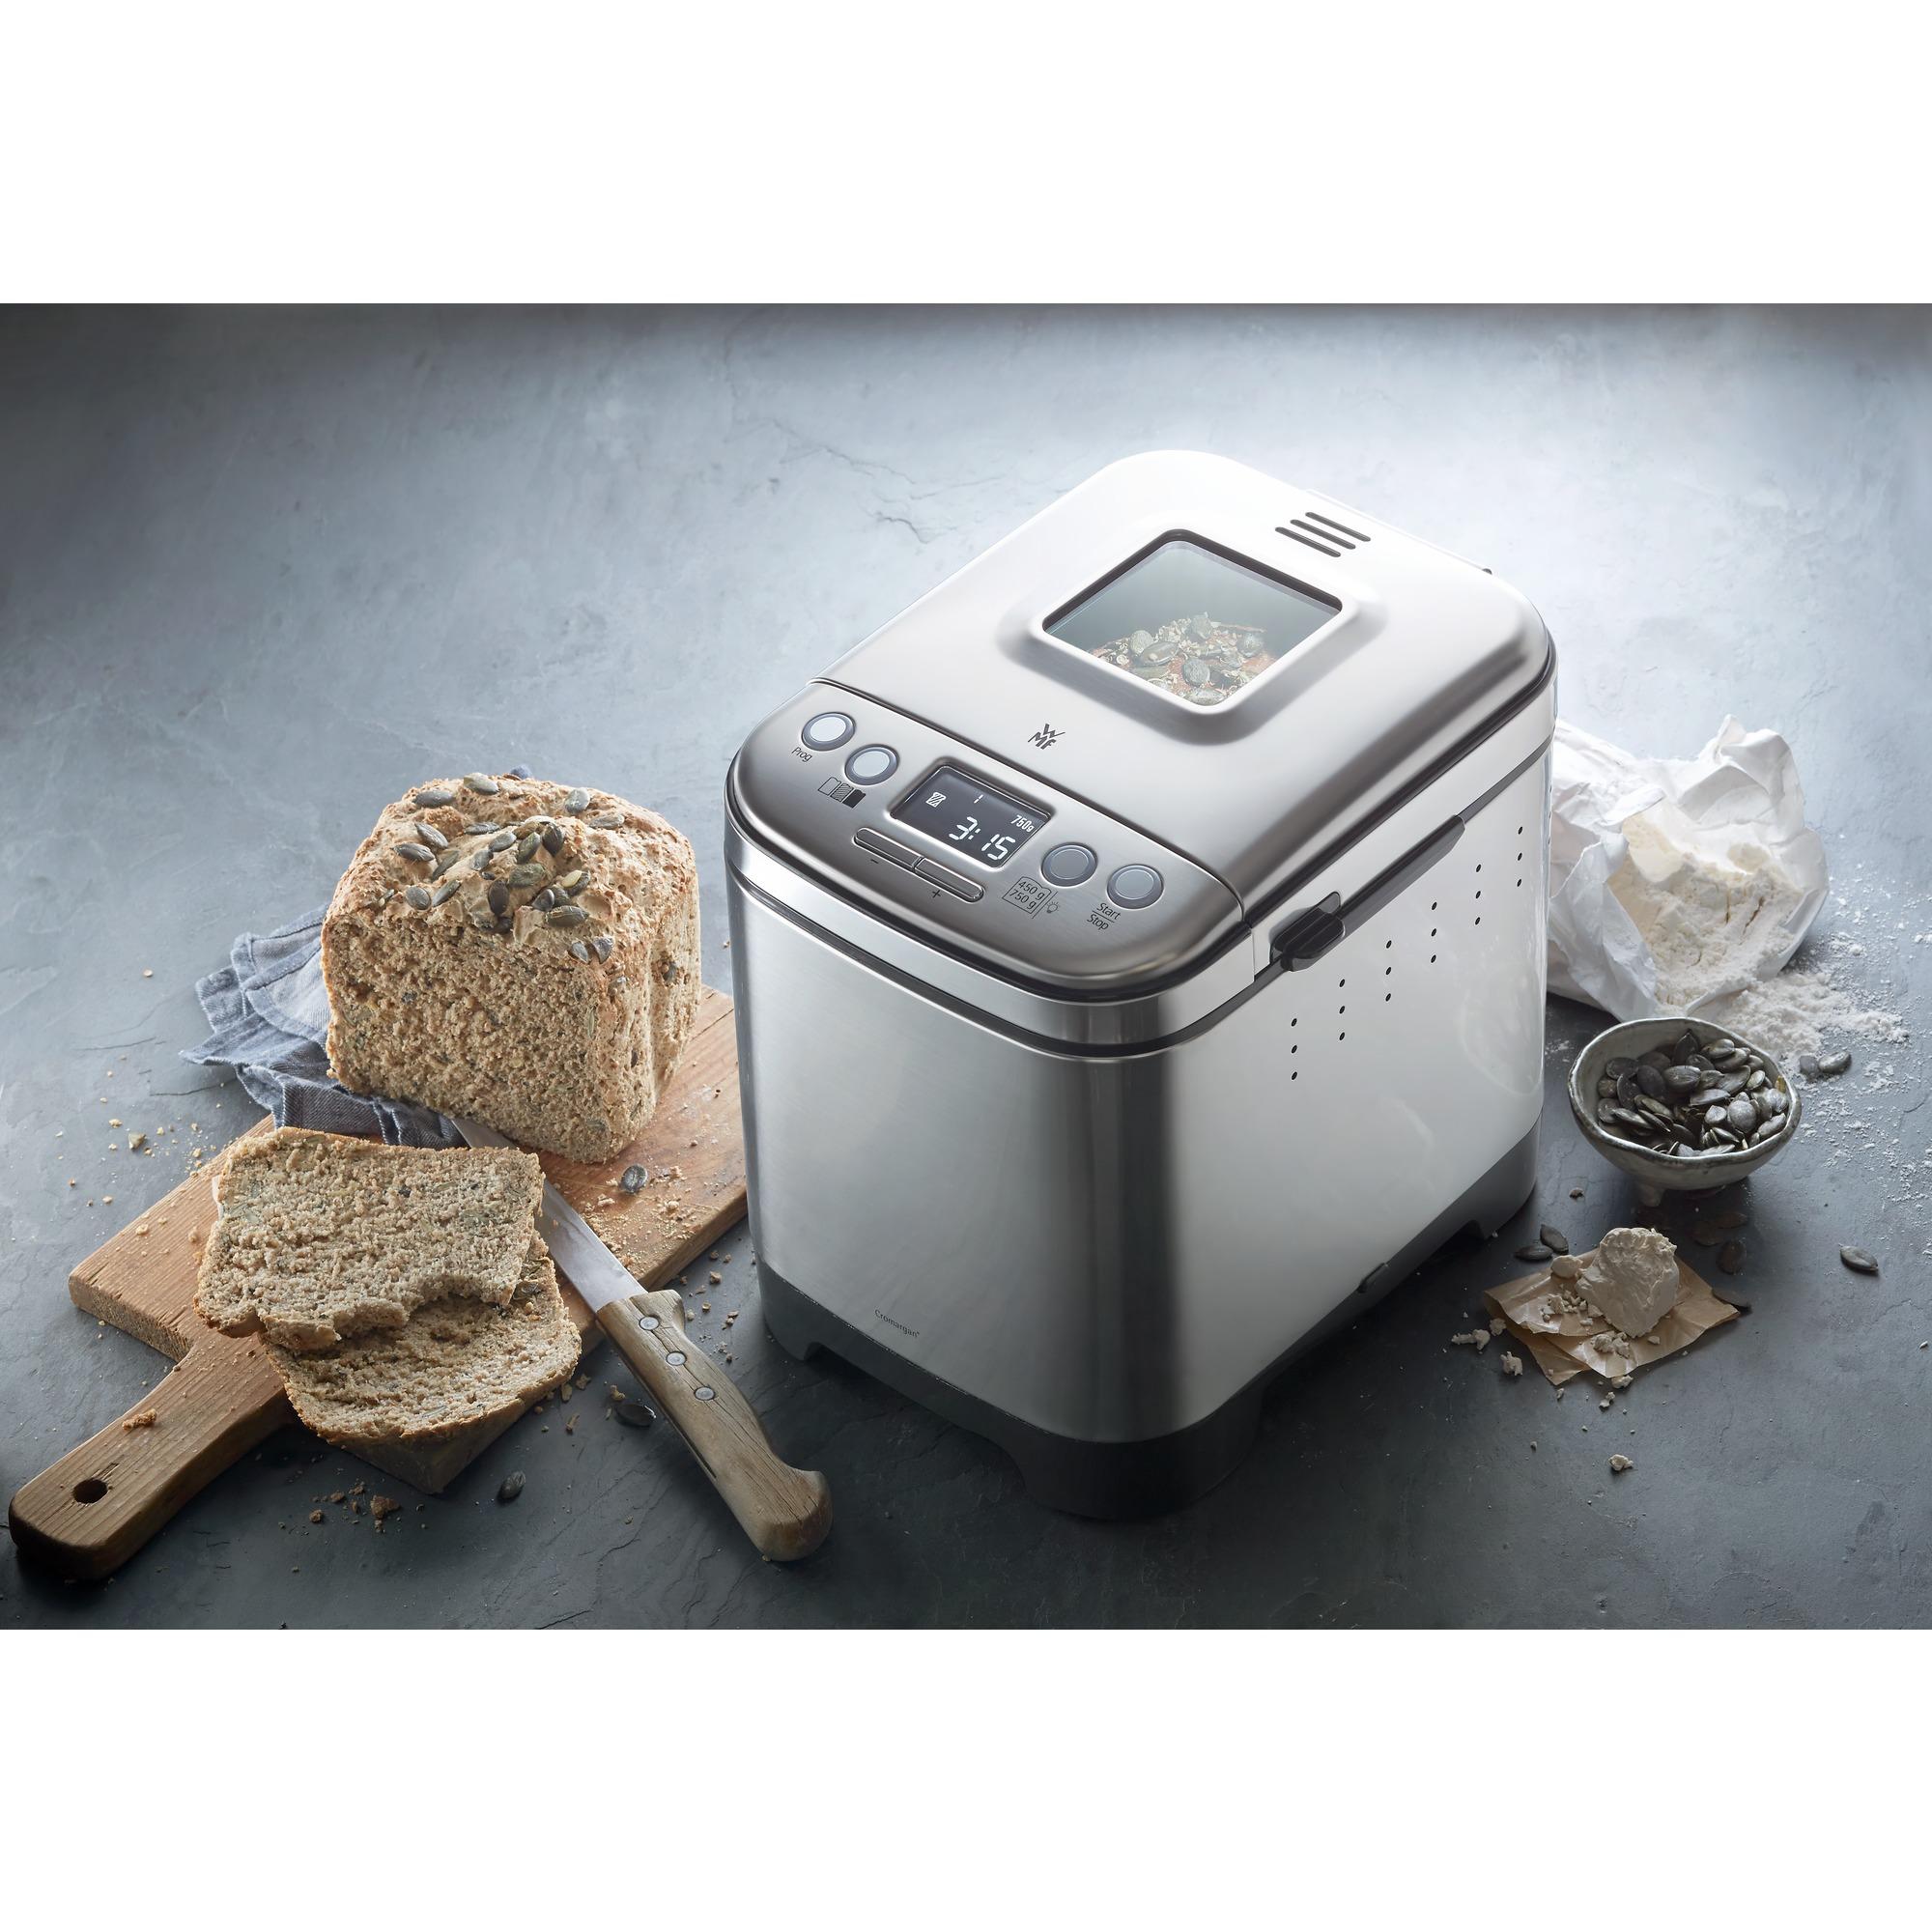 Muhteşem bir koku! - İster glutensiz ister tatlı, kendi taze ekmeğinizi evinizde pişirmenin keyfini sürün.